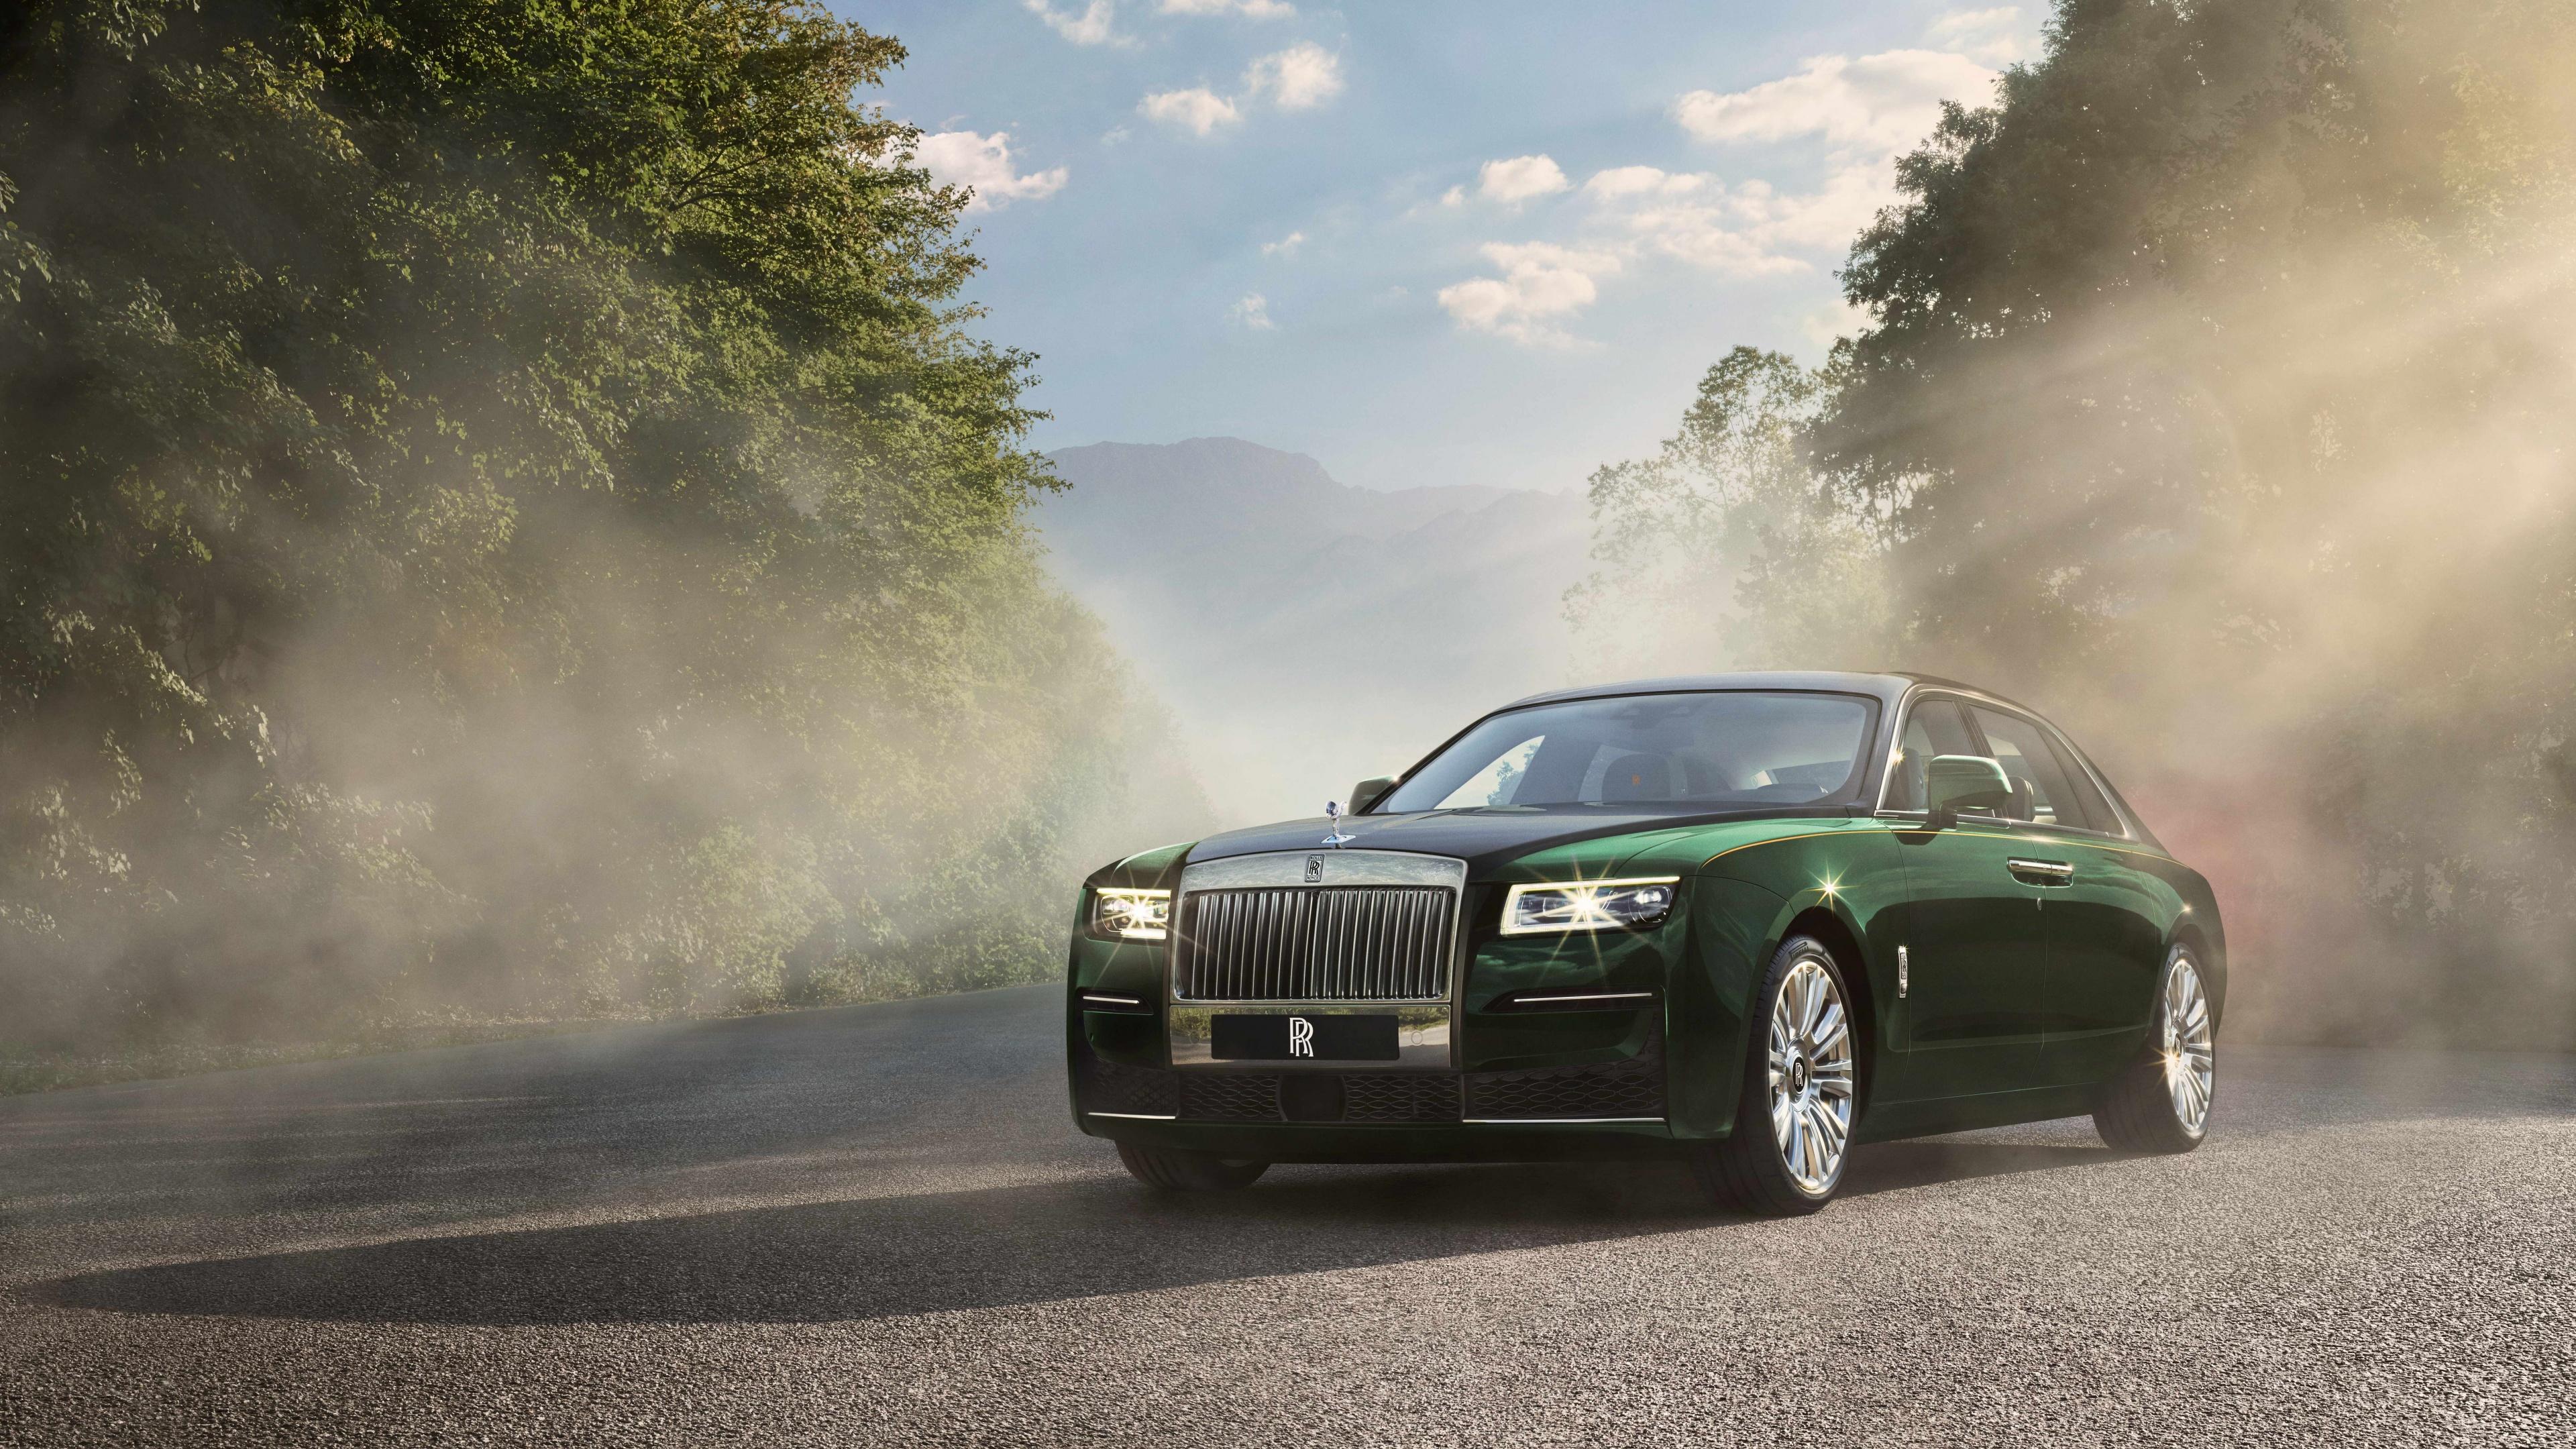 Rolls Royce Ghost Ewb 4k Wallpaper 2020 5k 8k Cars 2813